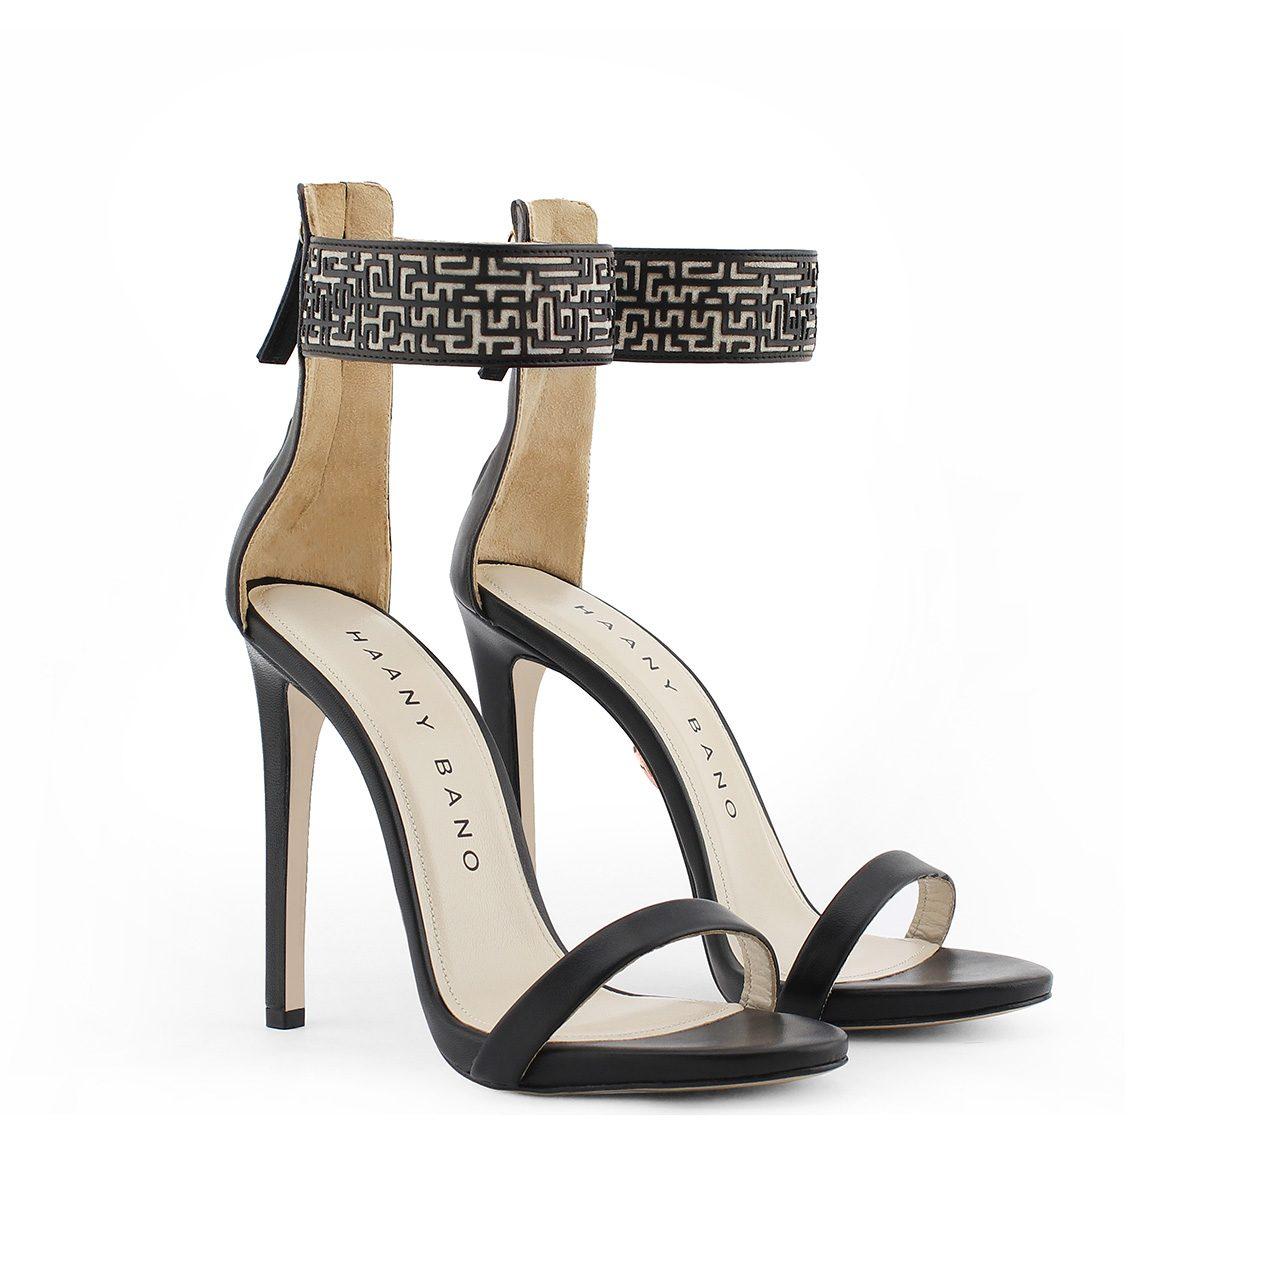 Xeneta Stiletto Sandals Black Pair Profile